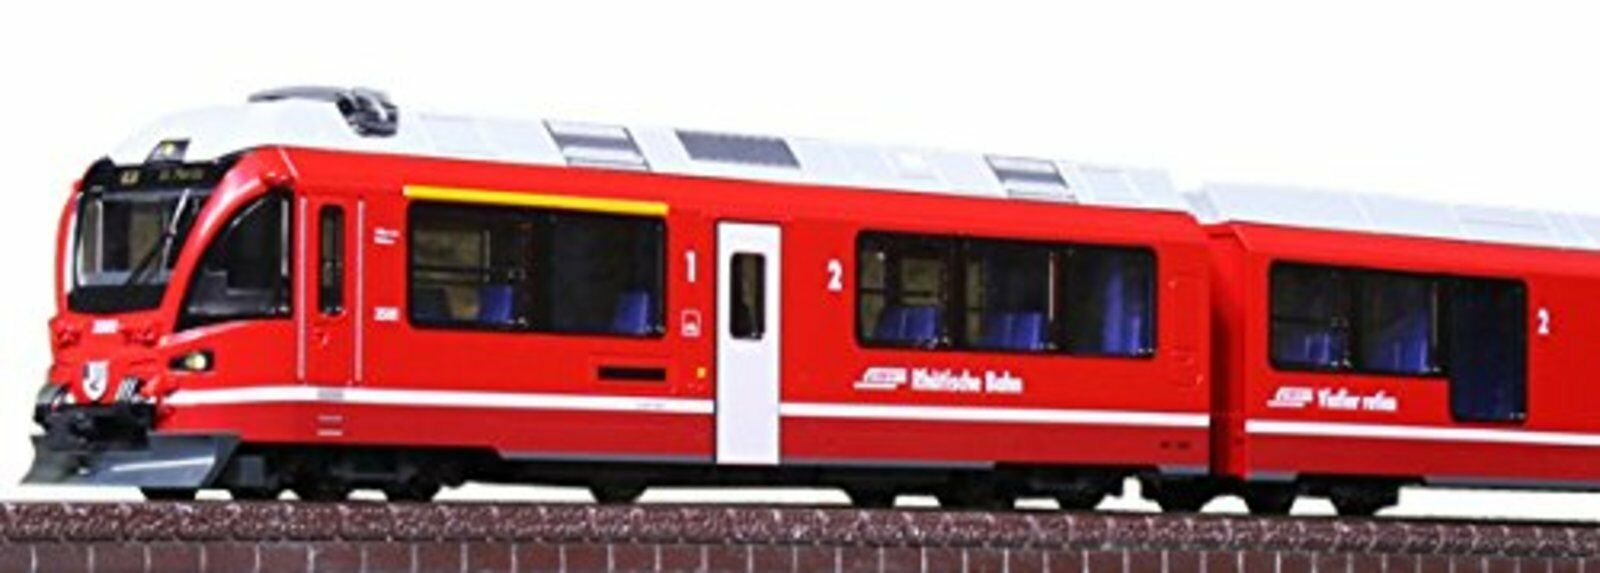 Kato 10-1318 rhatische Bahn Bernina Express 5-Coche básica Set Escala N F S con nº de seguimiento